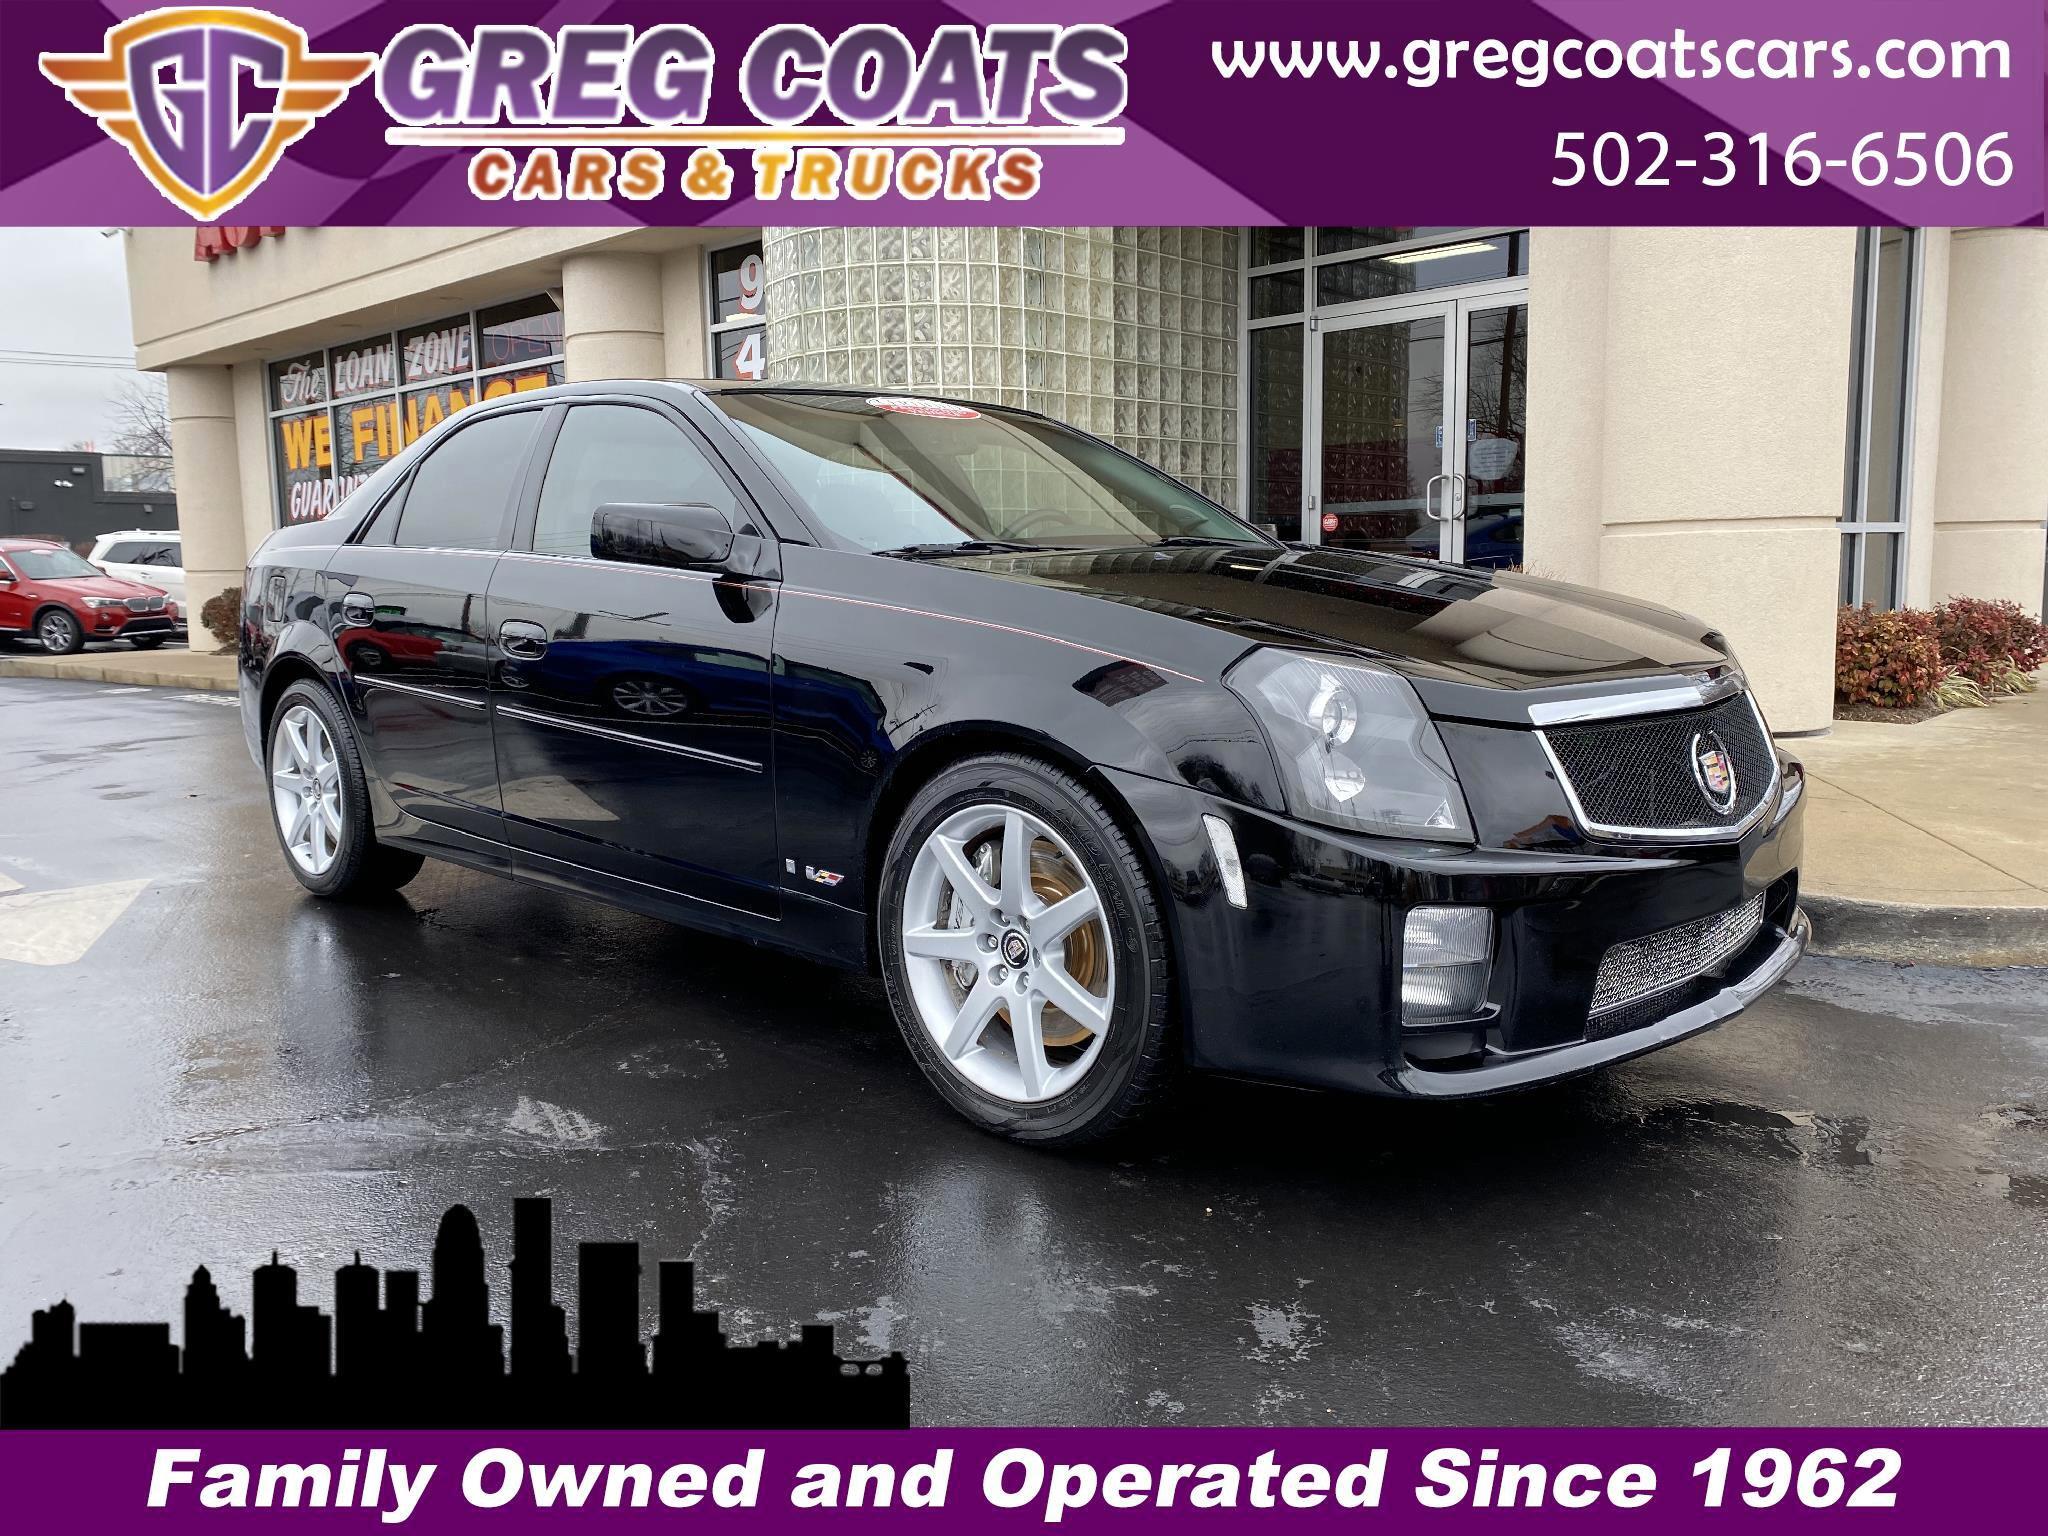 2006 Cadillac CTS V Sedan image